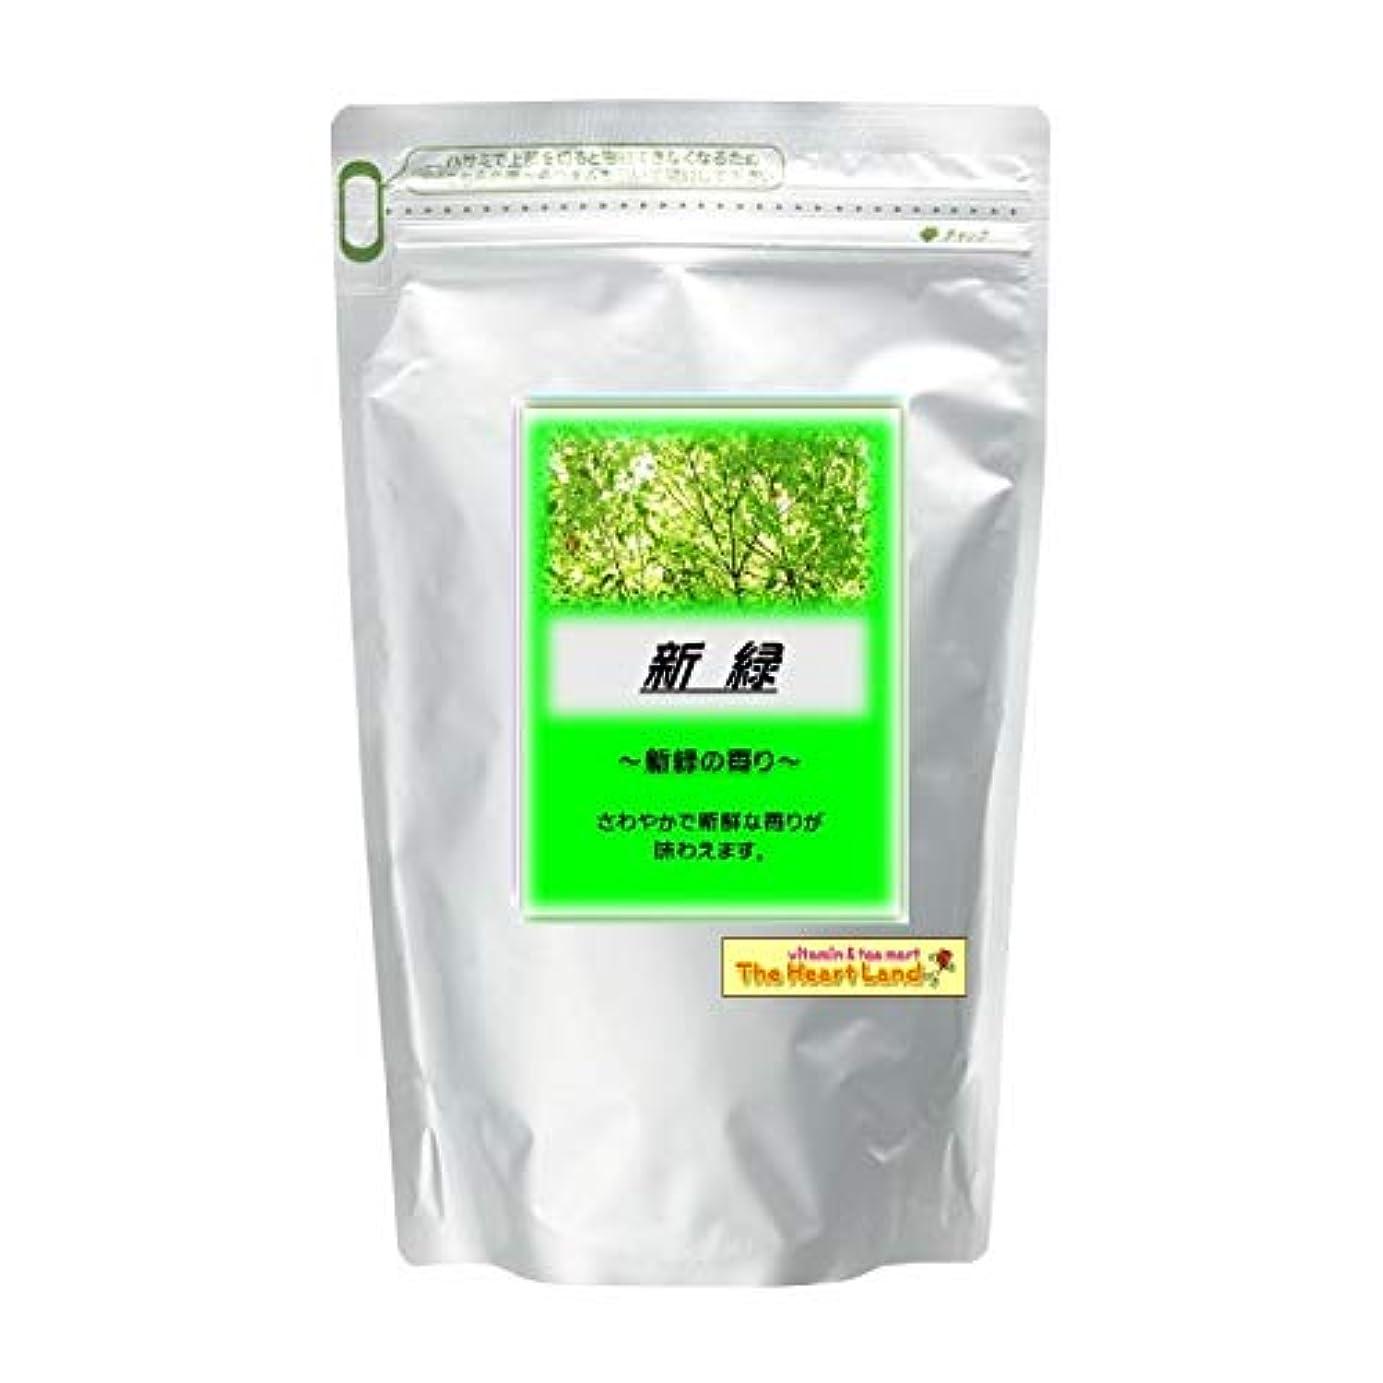 二提供されたプレミアムアサヒ入浴剤 浴用入浴化粧品 新緑 300g